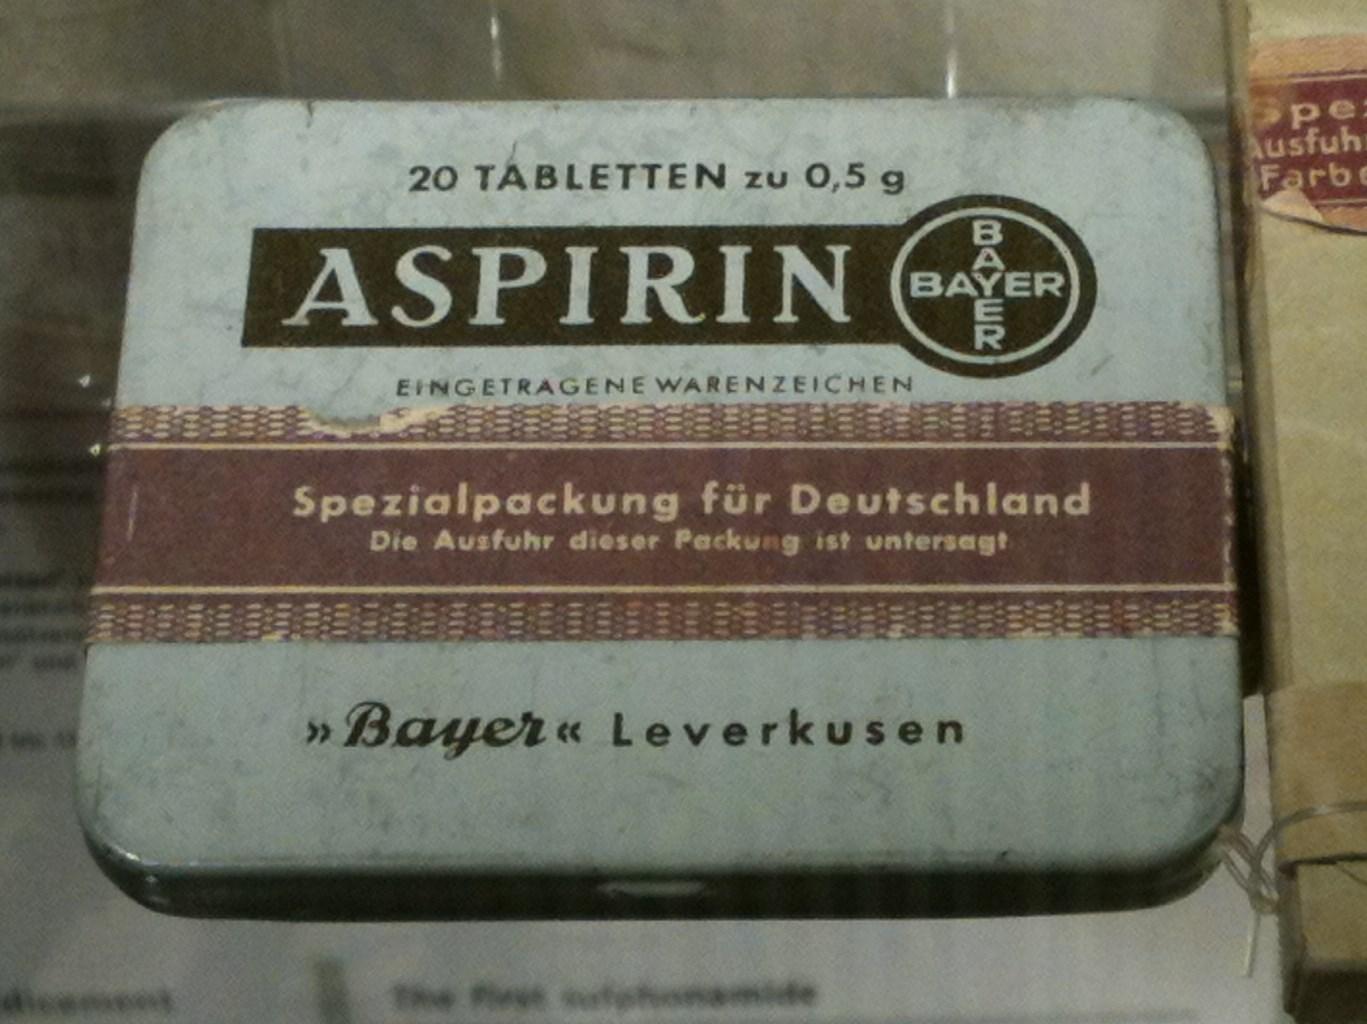 D-BW-Heidelberg - Deutsches Apothekenmuseum - Aspirin 1.JPG